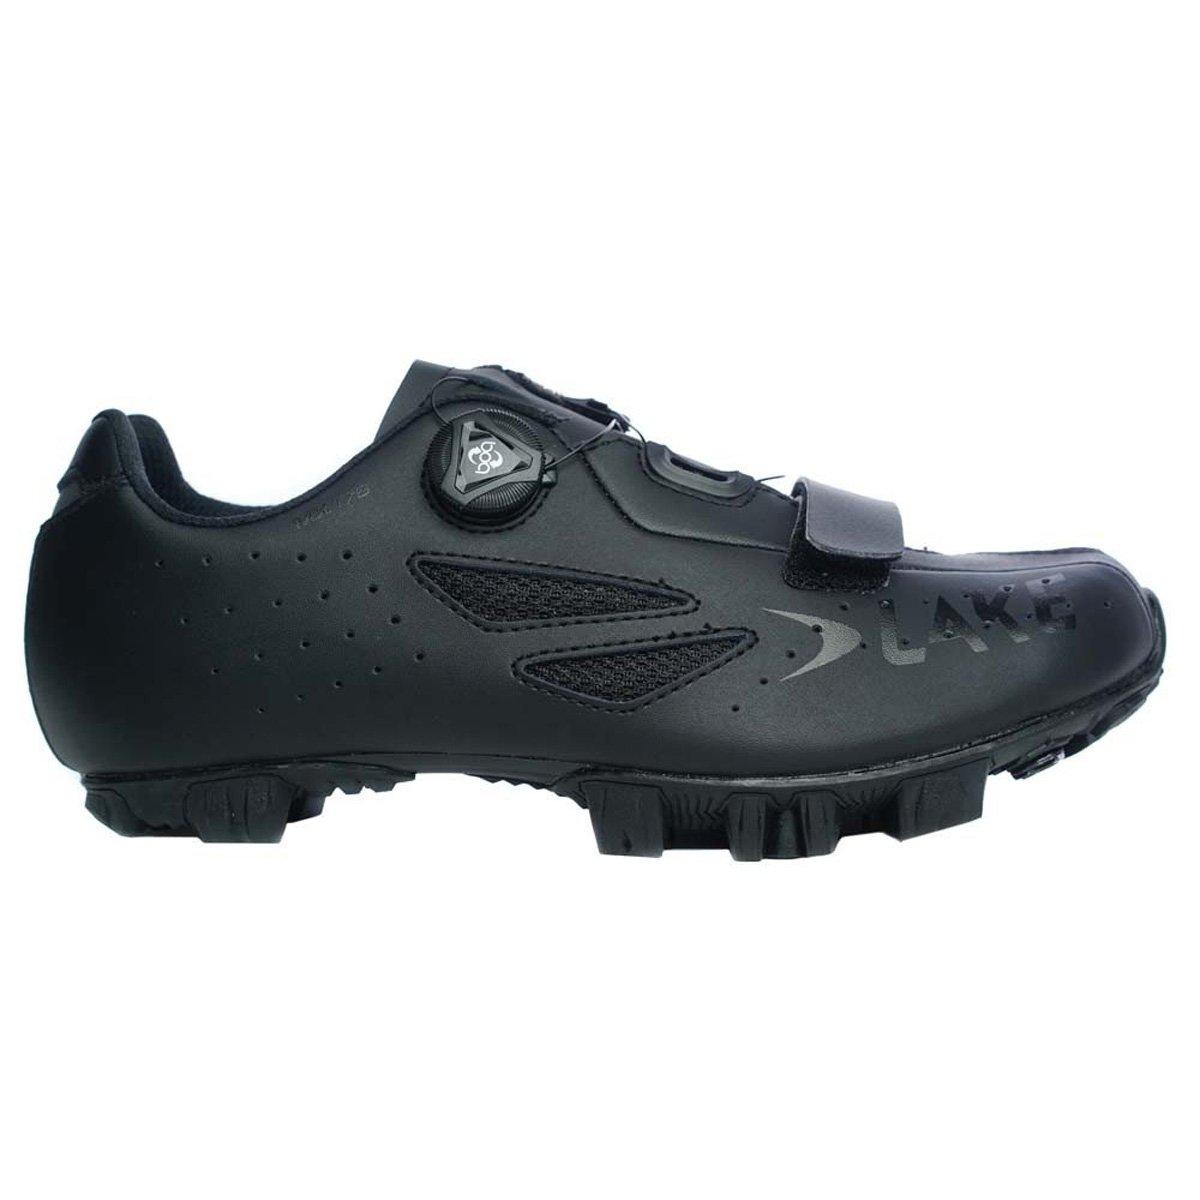 Lake MX176 Cycling Shoe - Men's 3013283